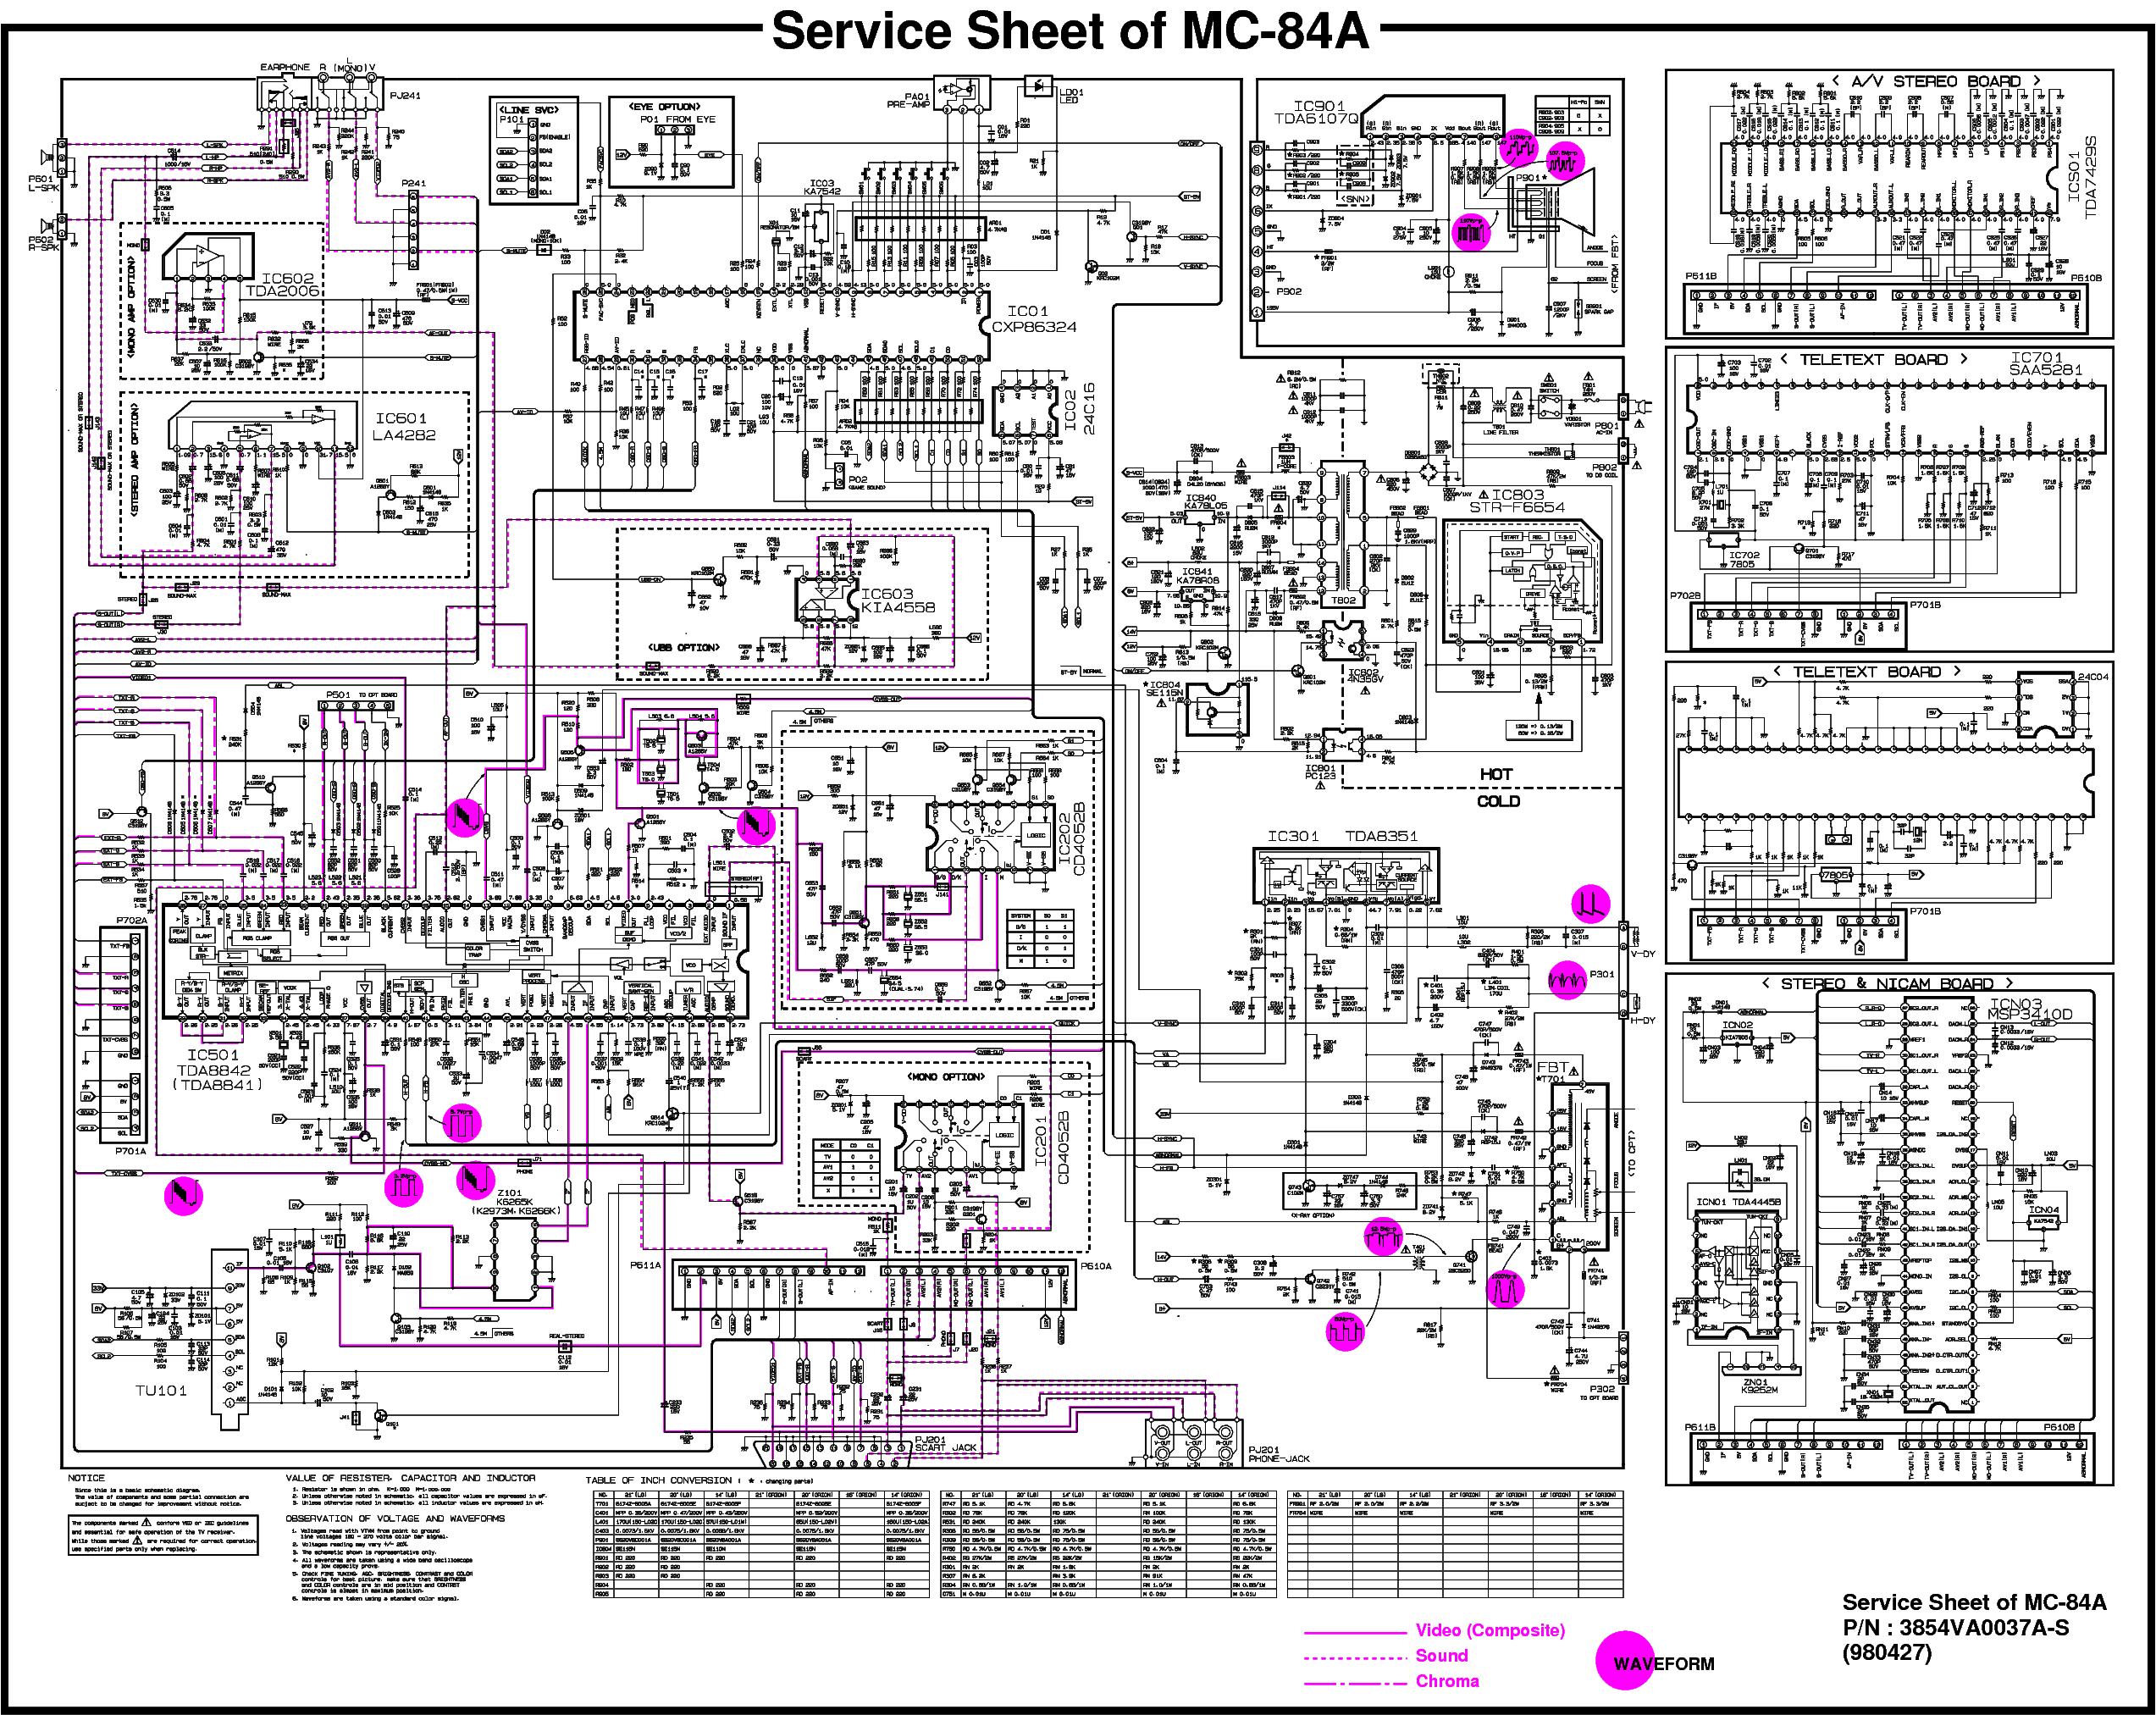 lg cf20f80 инструкция пользователя